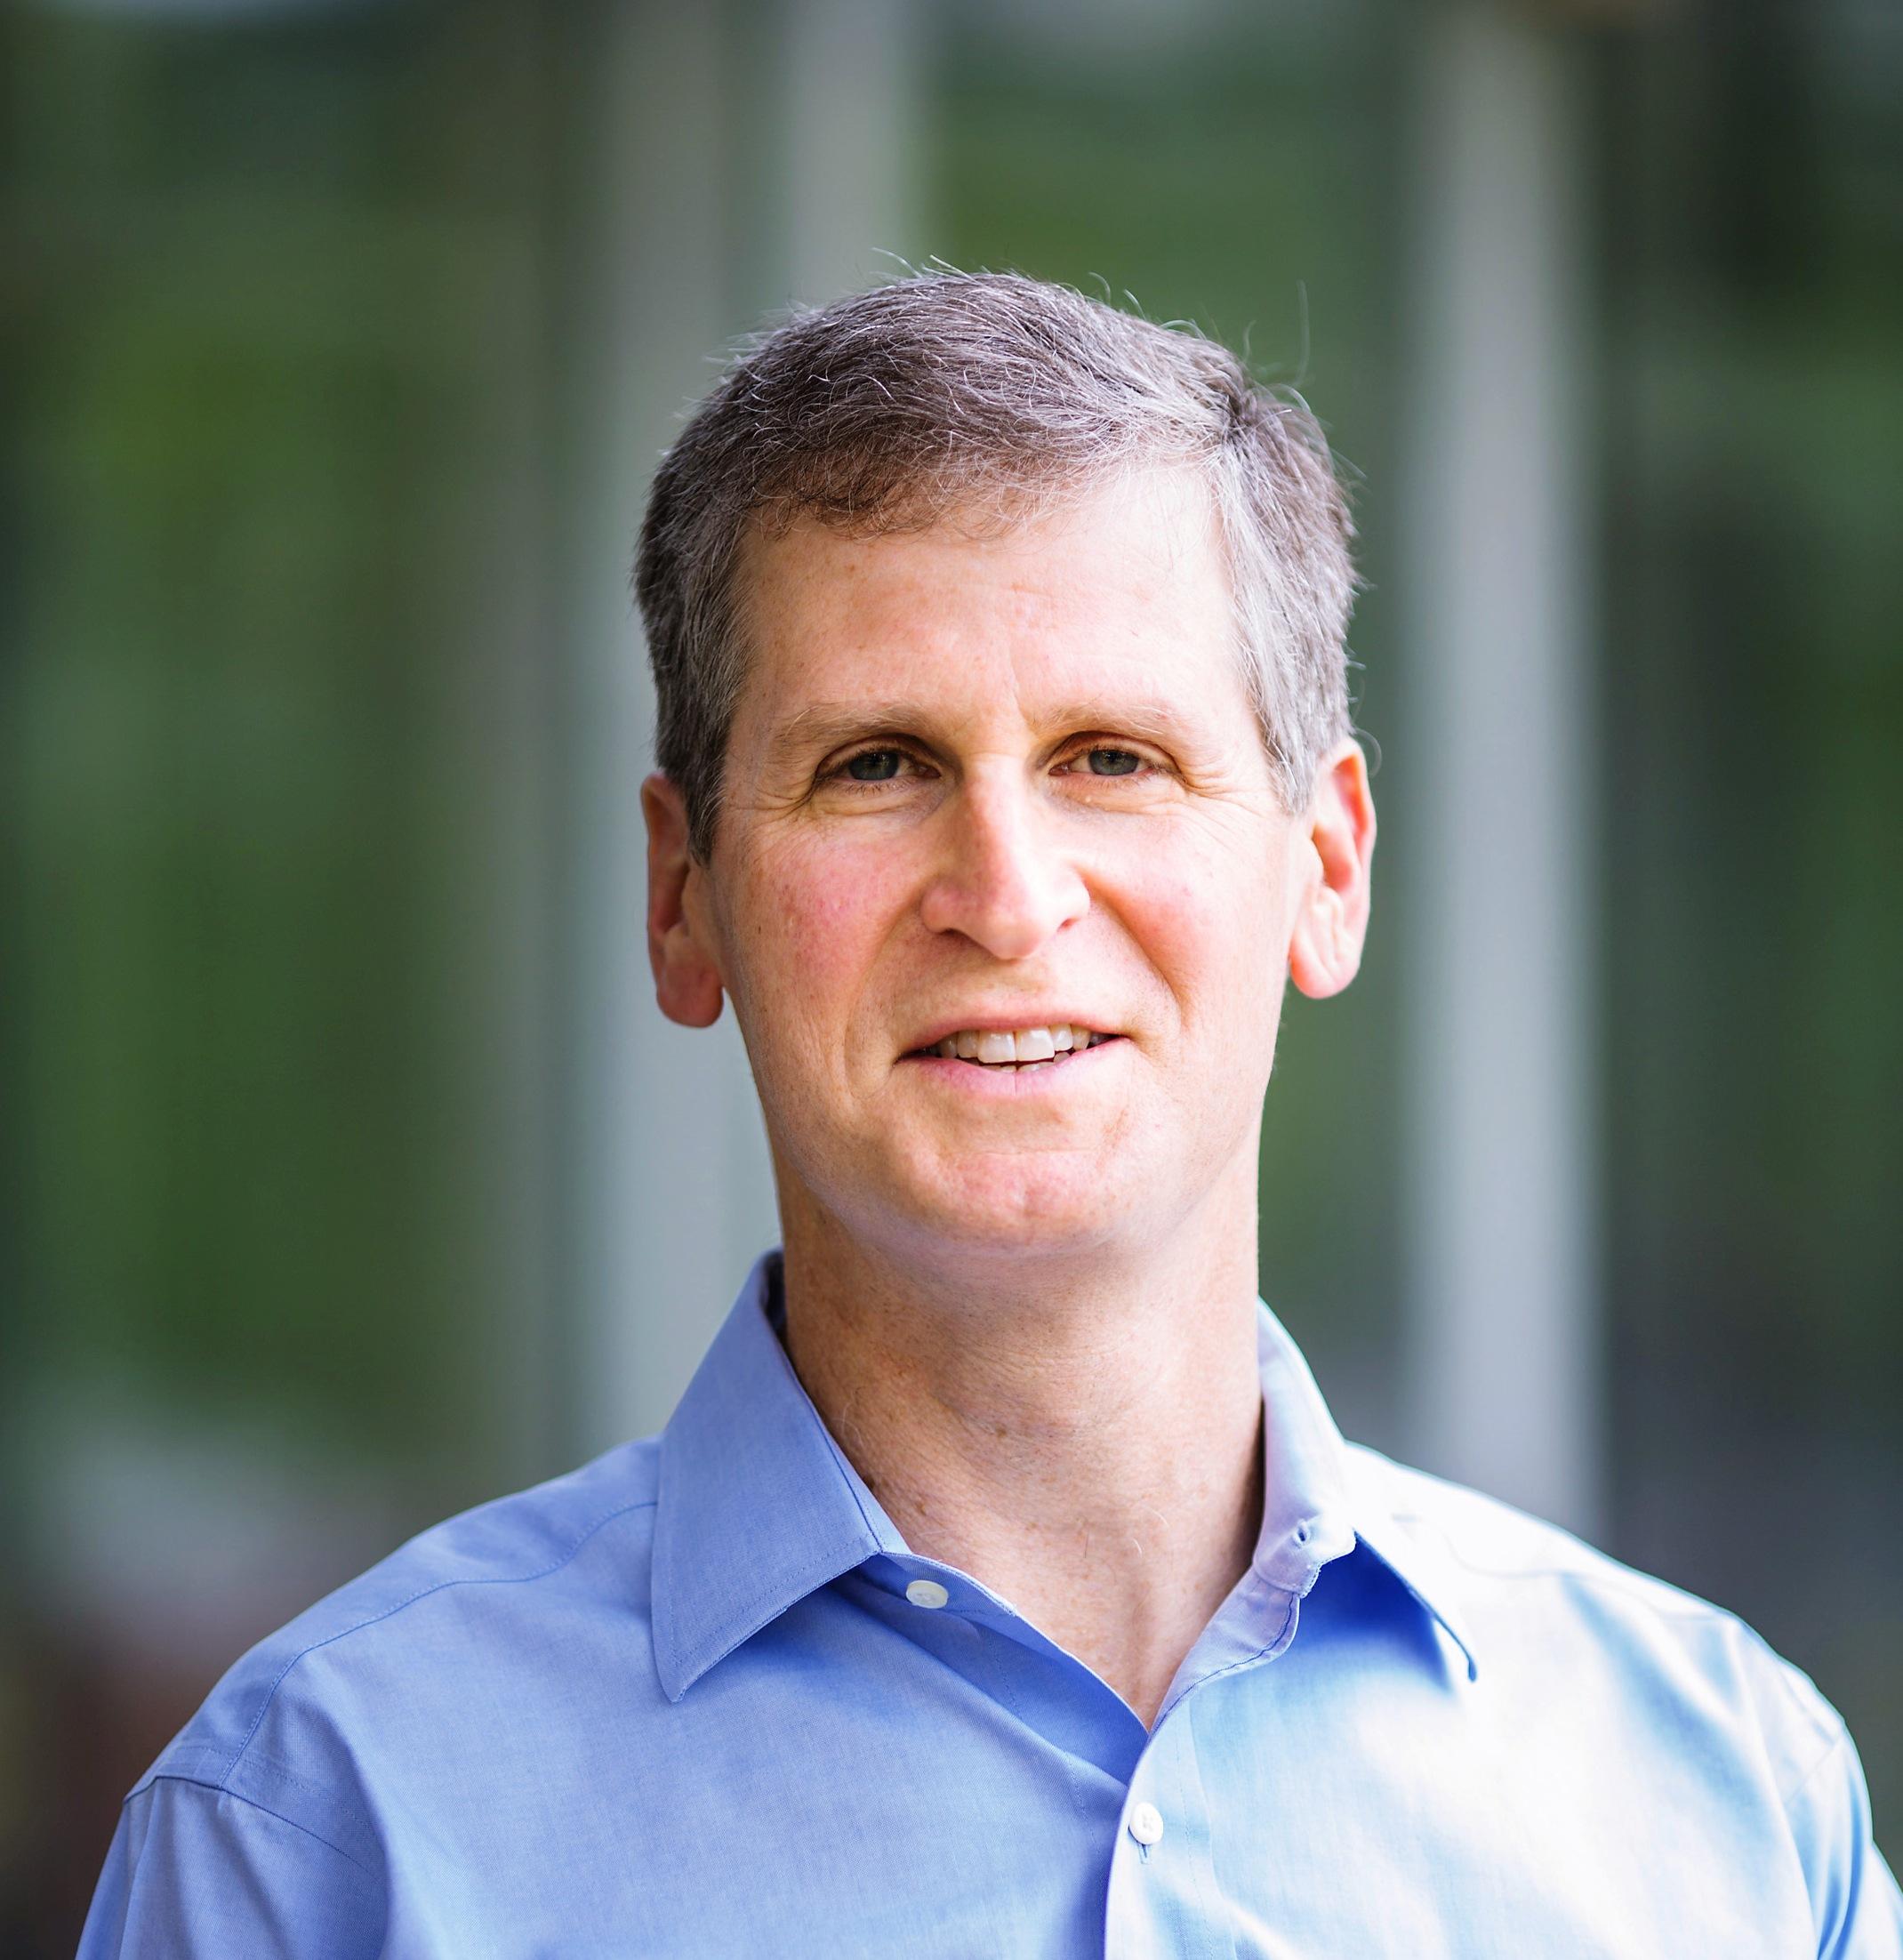 Steven J. Atlas, MD, MPH